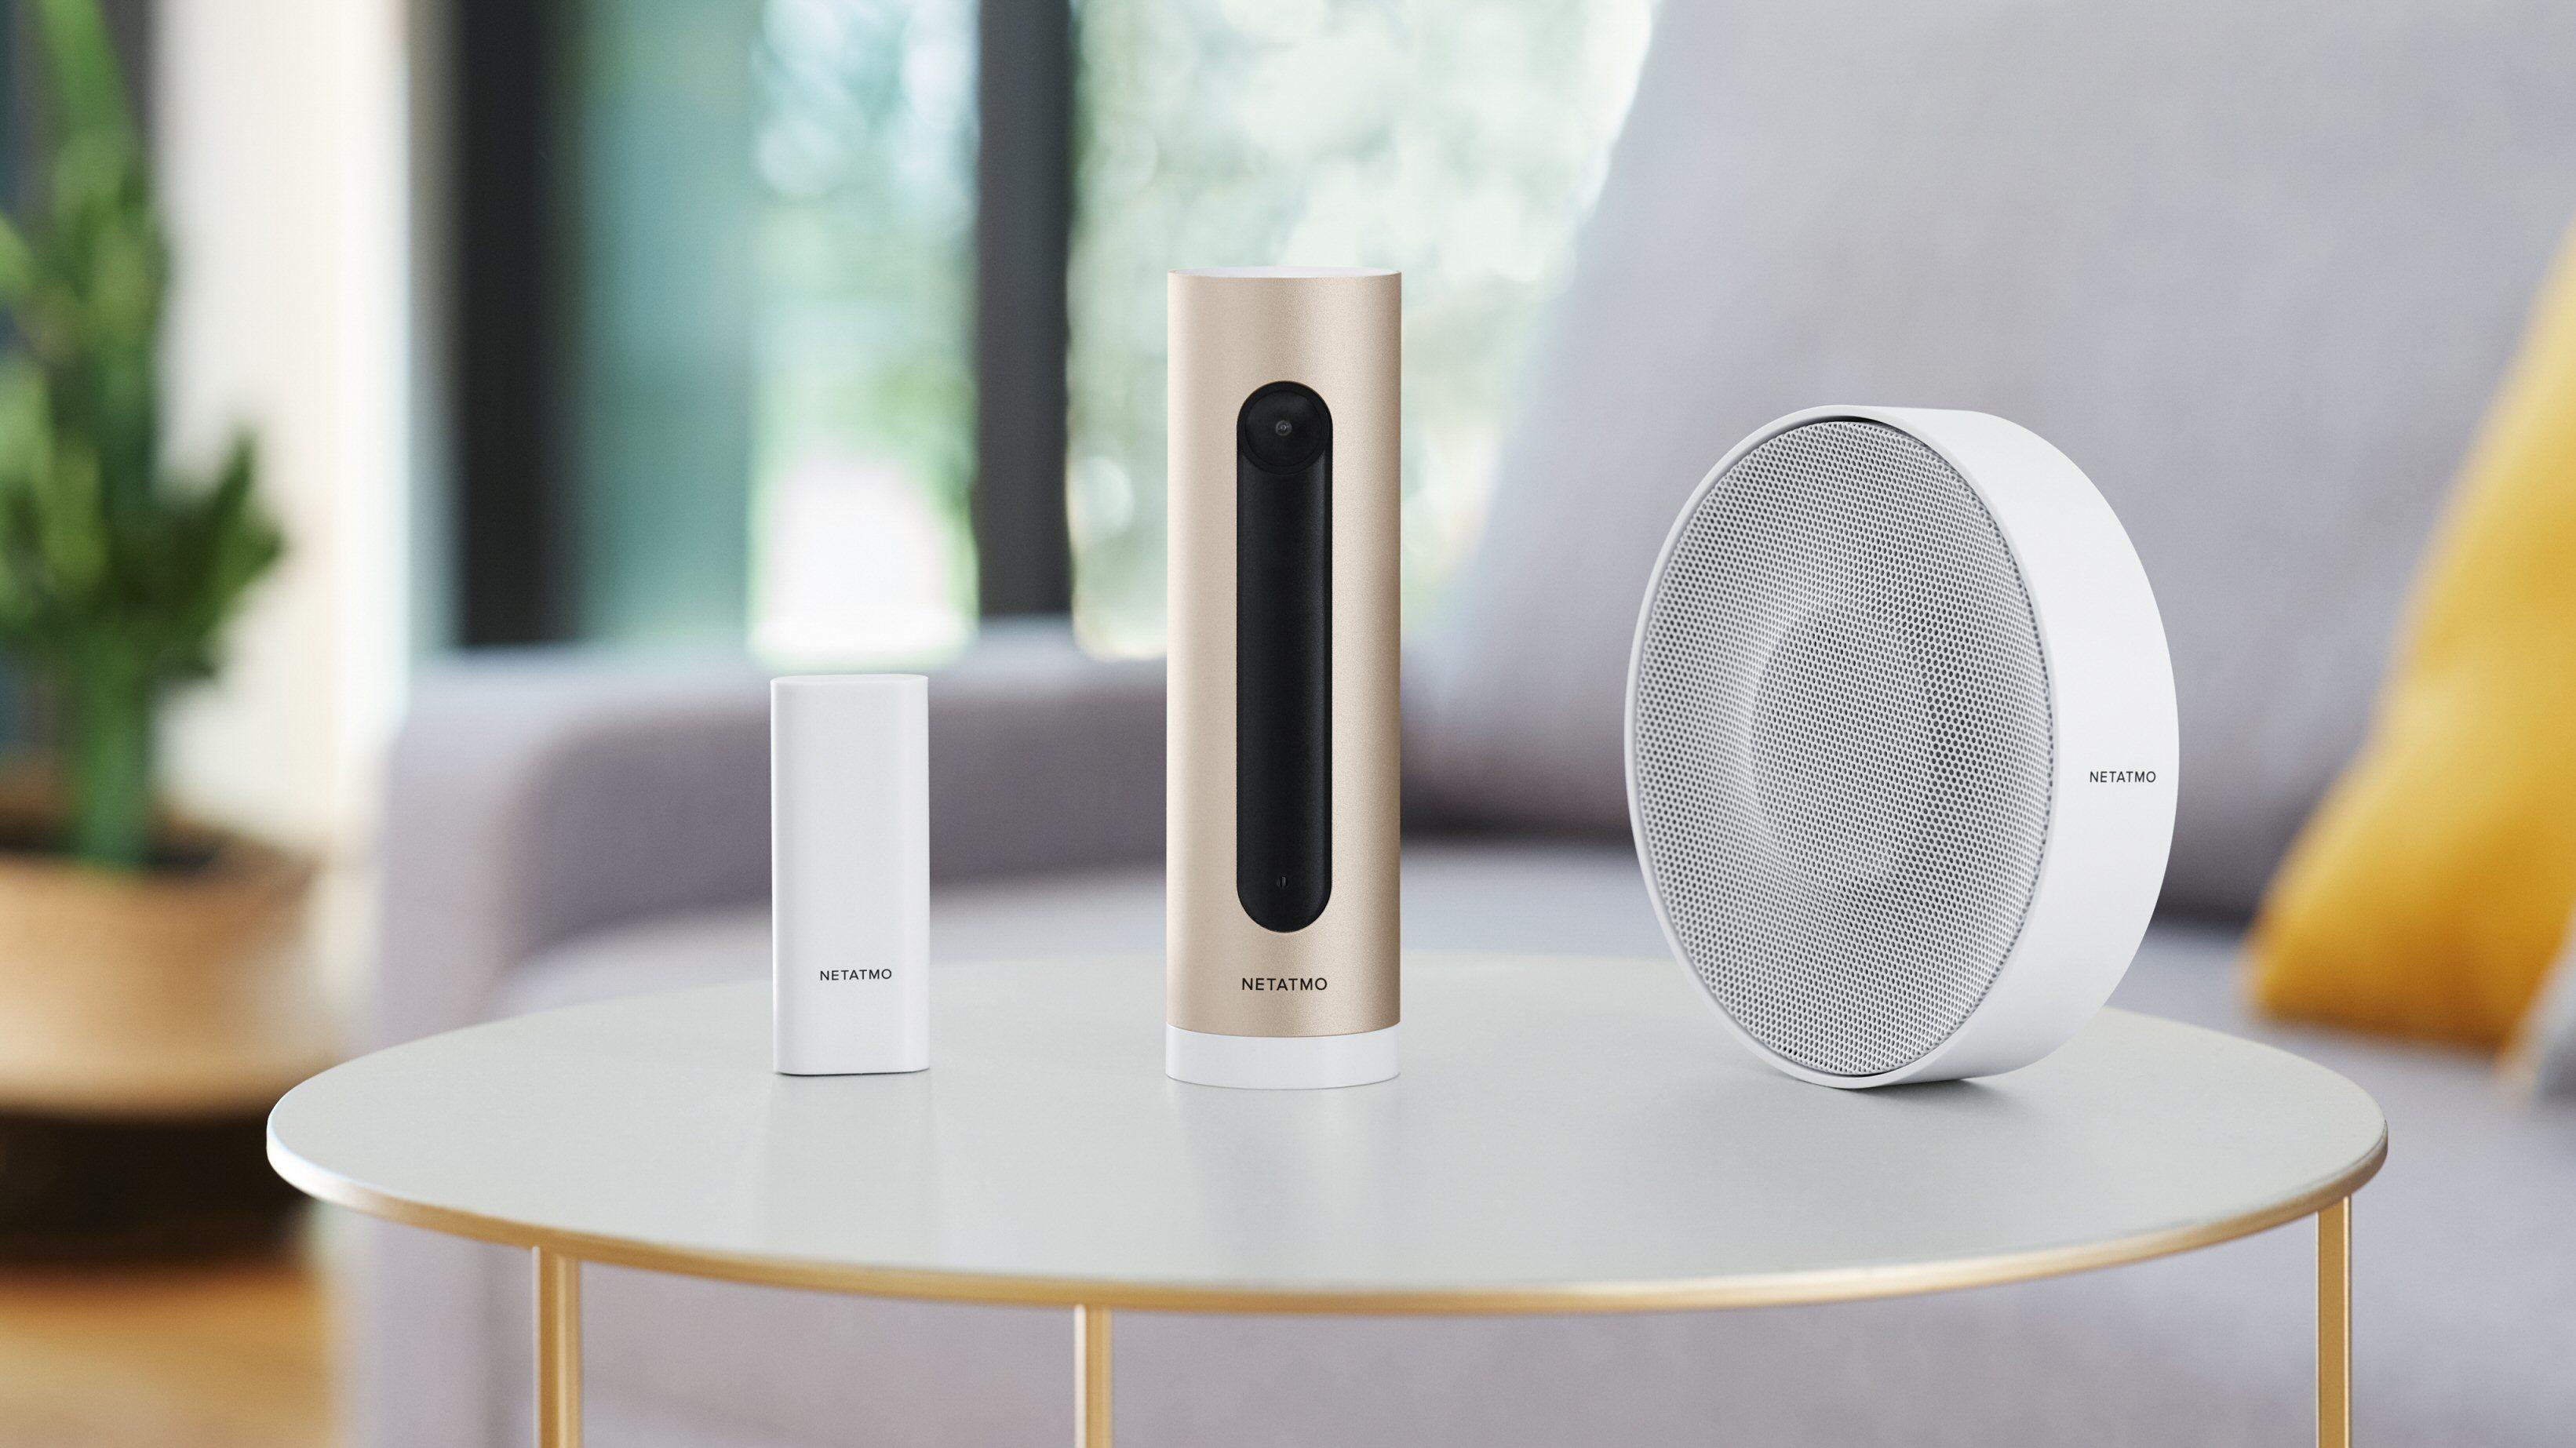 Netatmo lanserer alarmsystem til hjemmet – uten abonnementsutgift